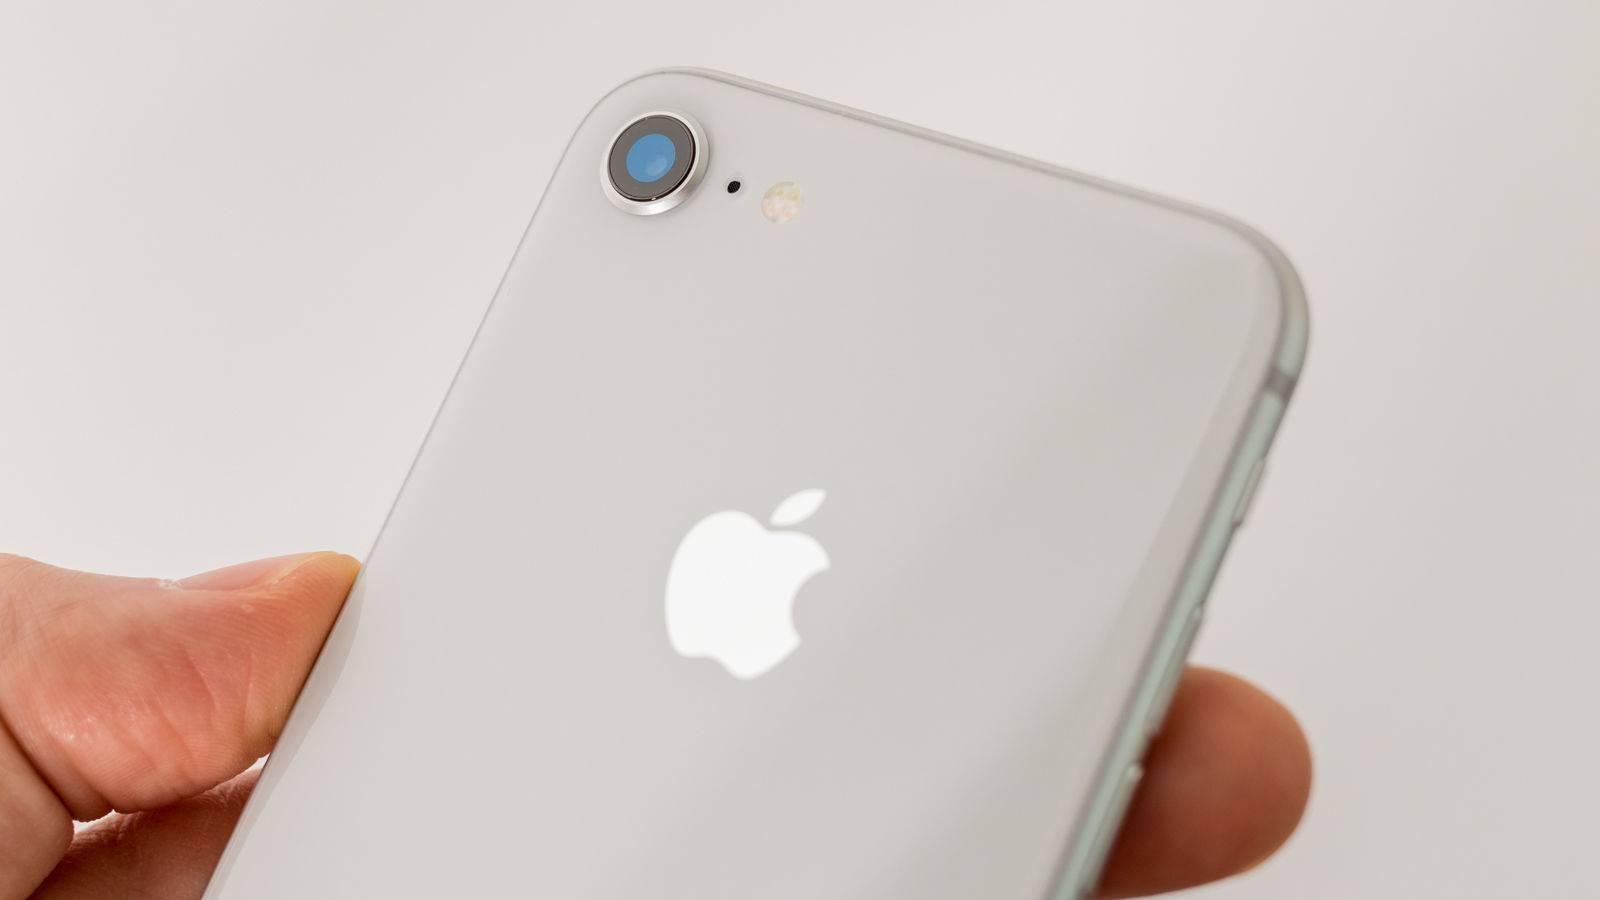 iPhone SE 2 telefon asteptau fani apple